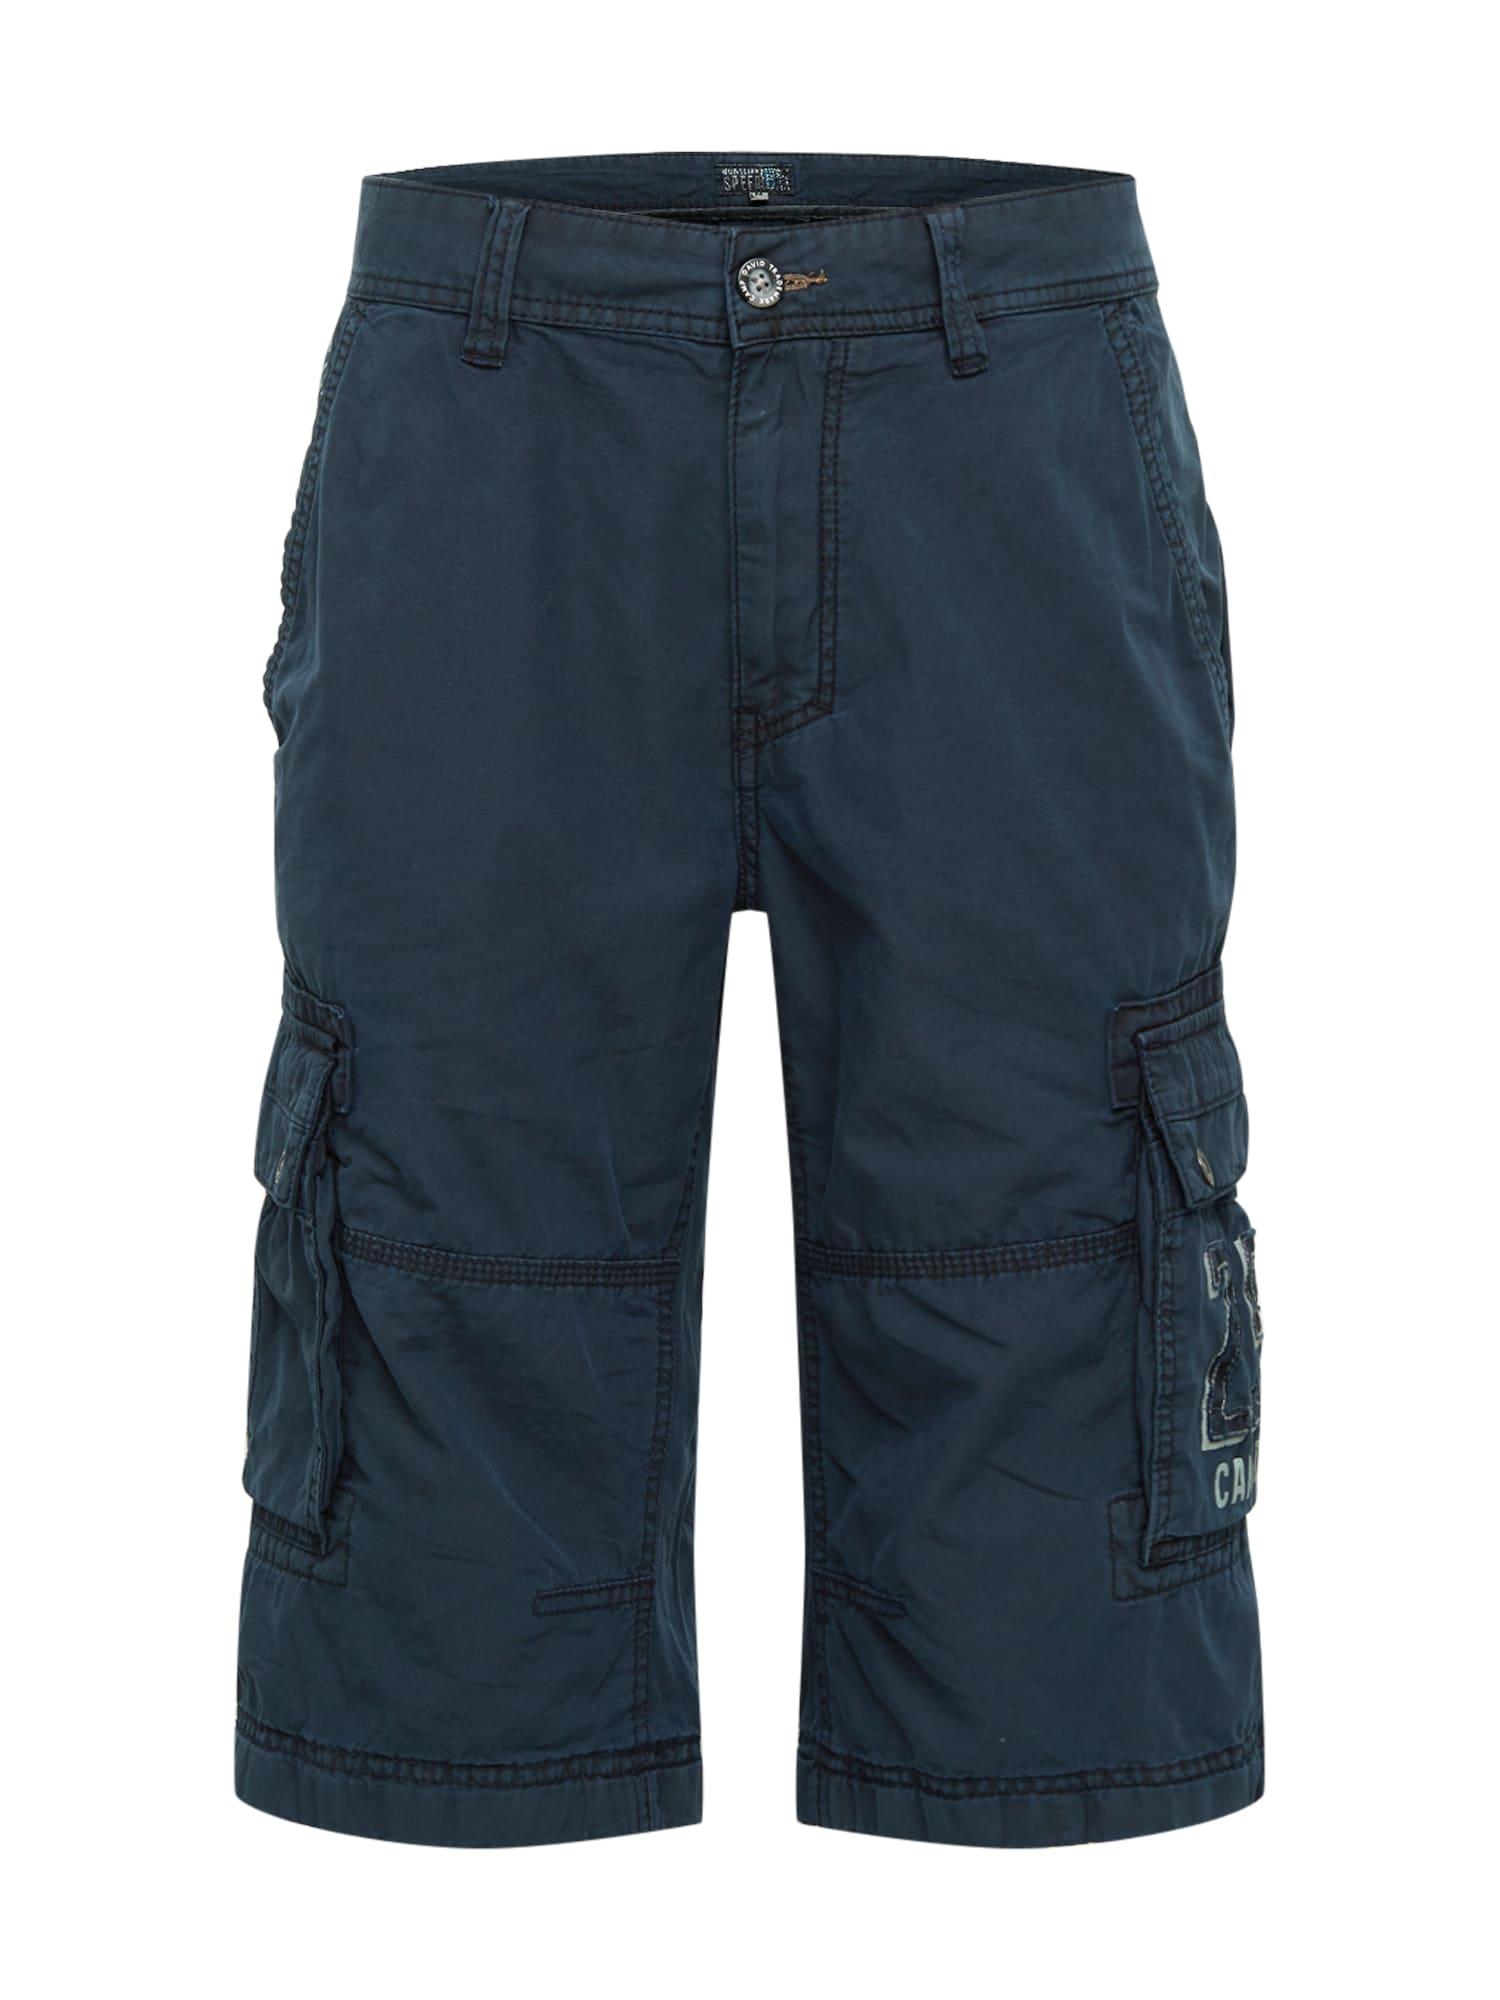 CAMP DAVID Laisvo stiliaus kelnės tamsiai mėlyna jūros spalva / balta